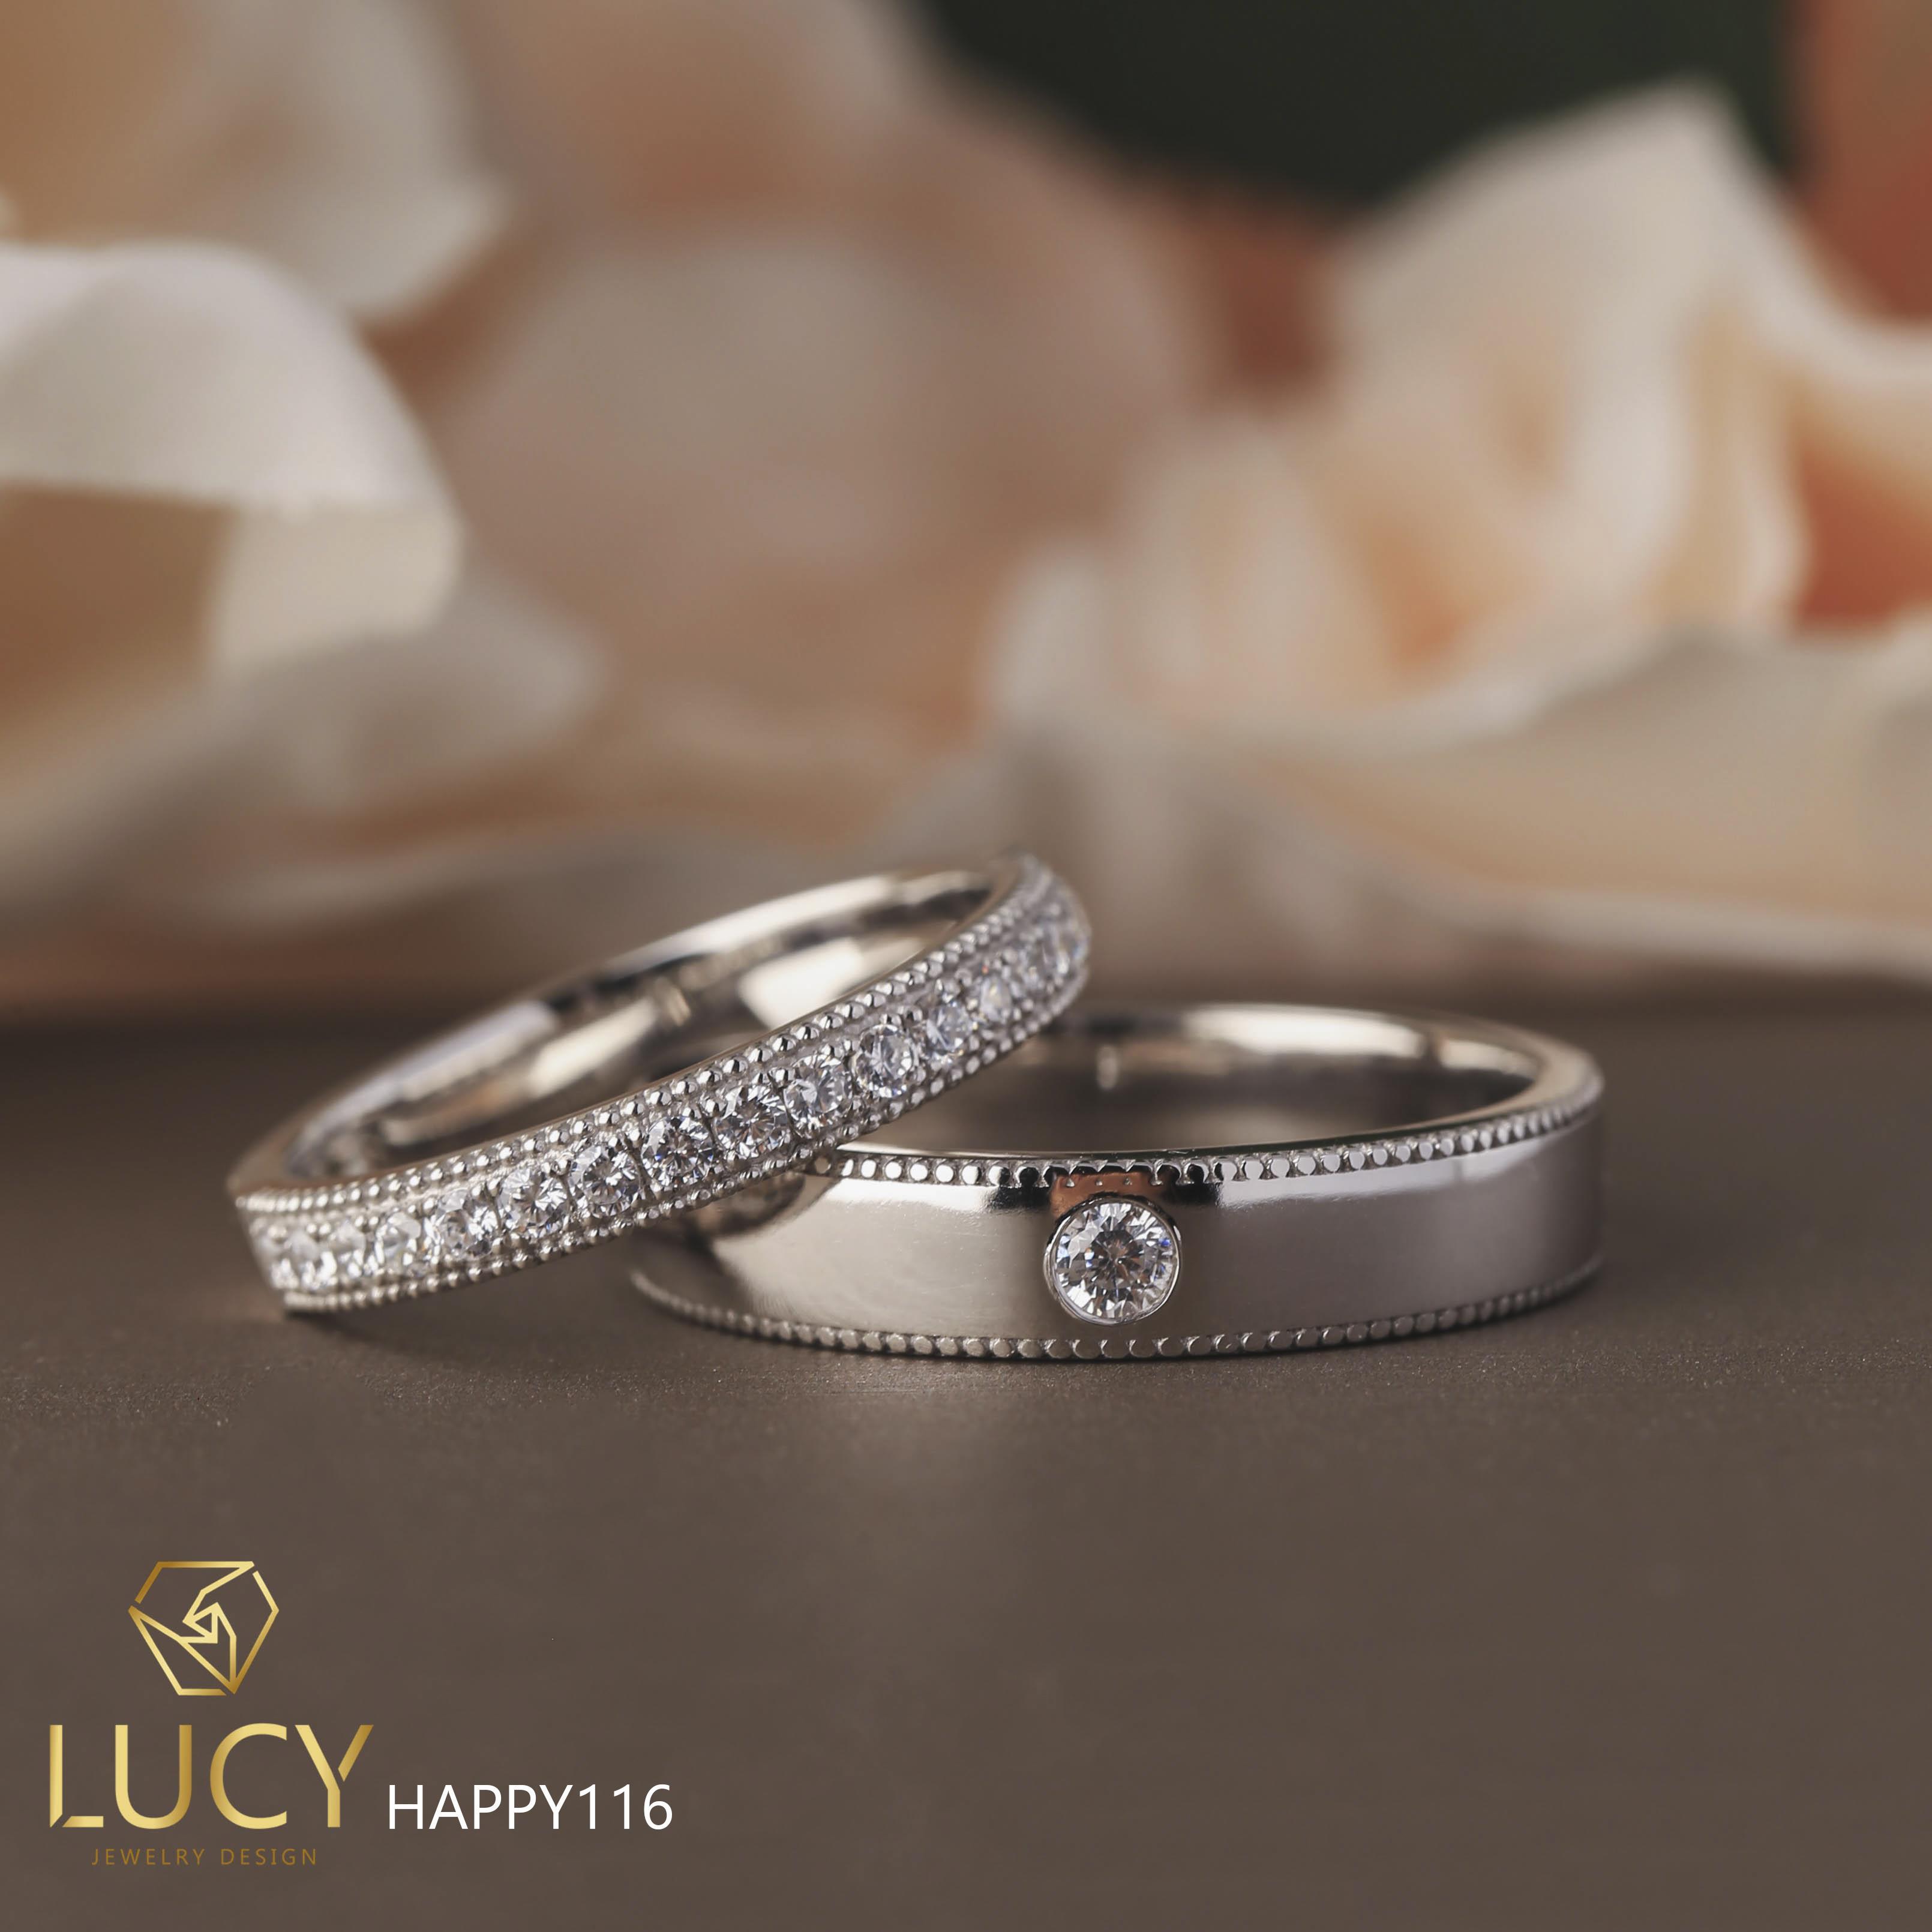 HAPPY116 Nhẫn cưới đẹp vàng tây, vàng trắng, vàng hồng 10k 14k 18k, Bạch Kim Platinum PT900 đính CZ, Moissanite, Kim cương - Lucy Jewelry